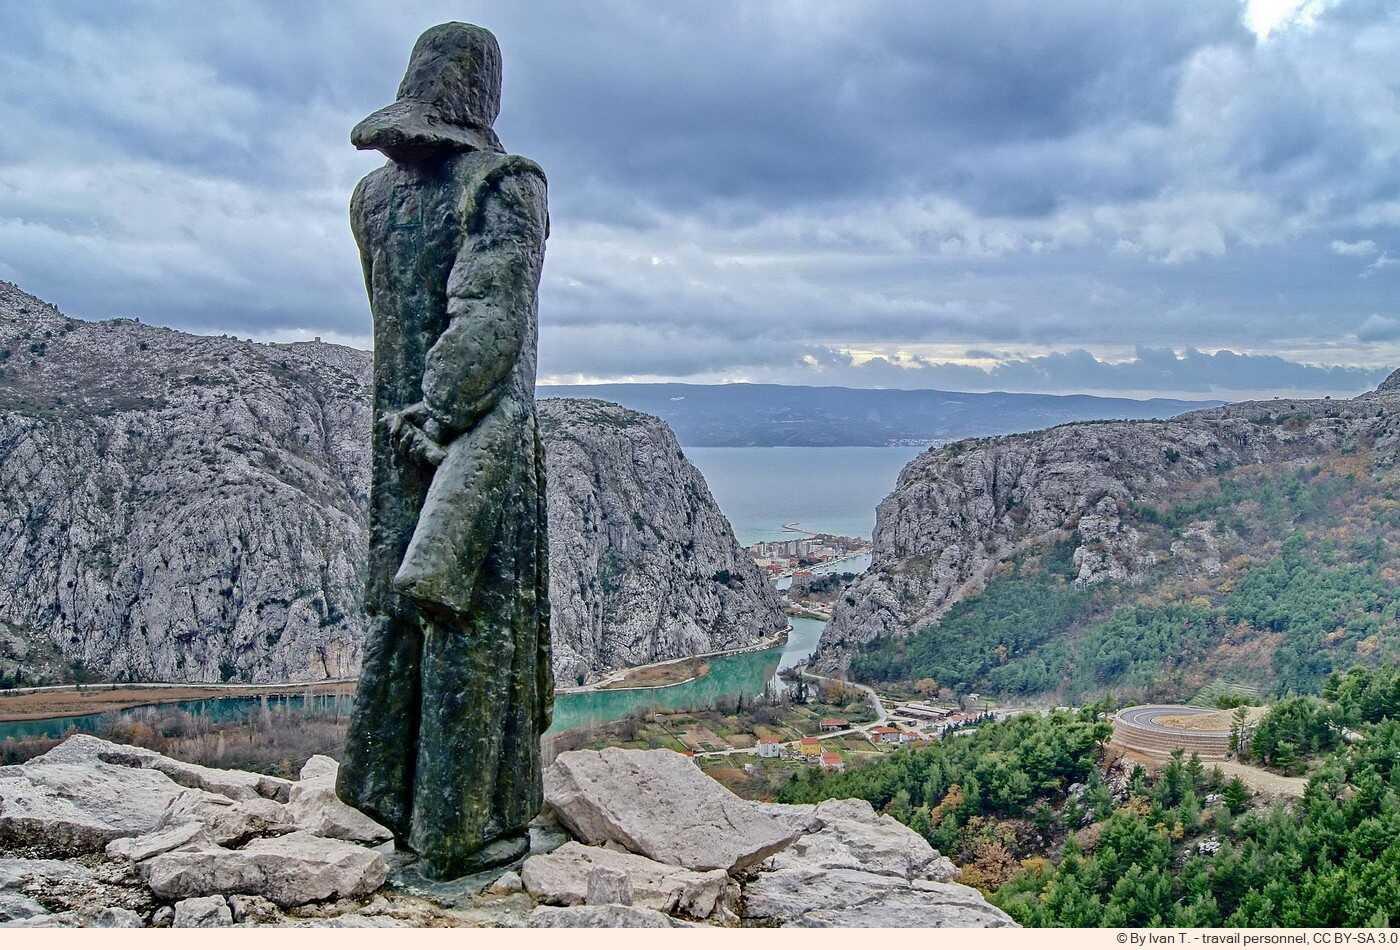 statue de de Mila Gojsalić sculptée par Meštrović à Omis surplombant la Cetina